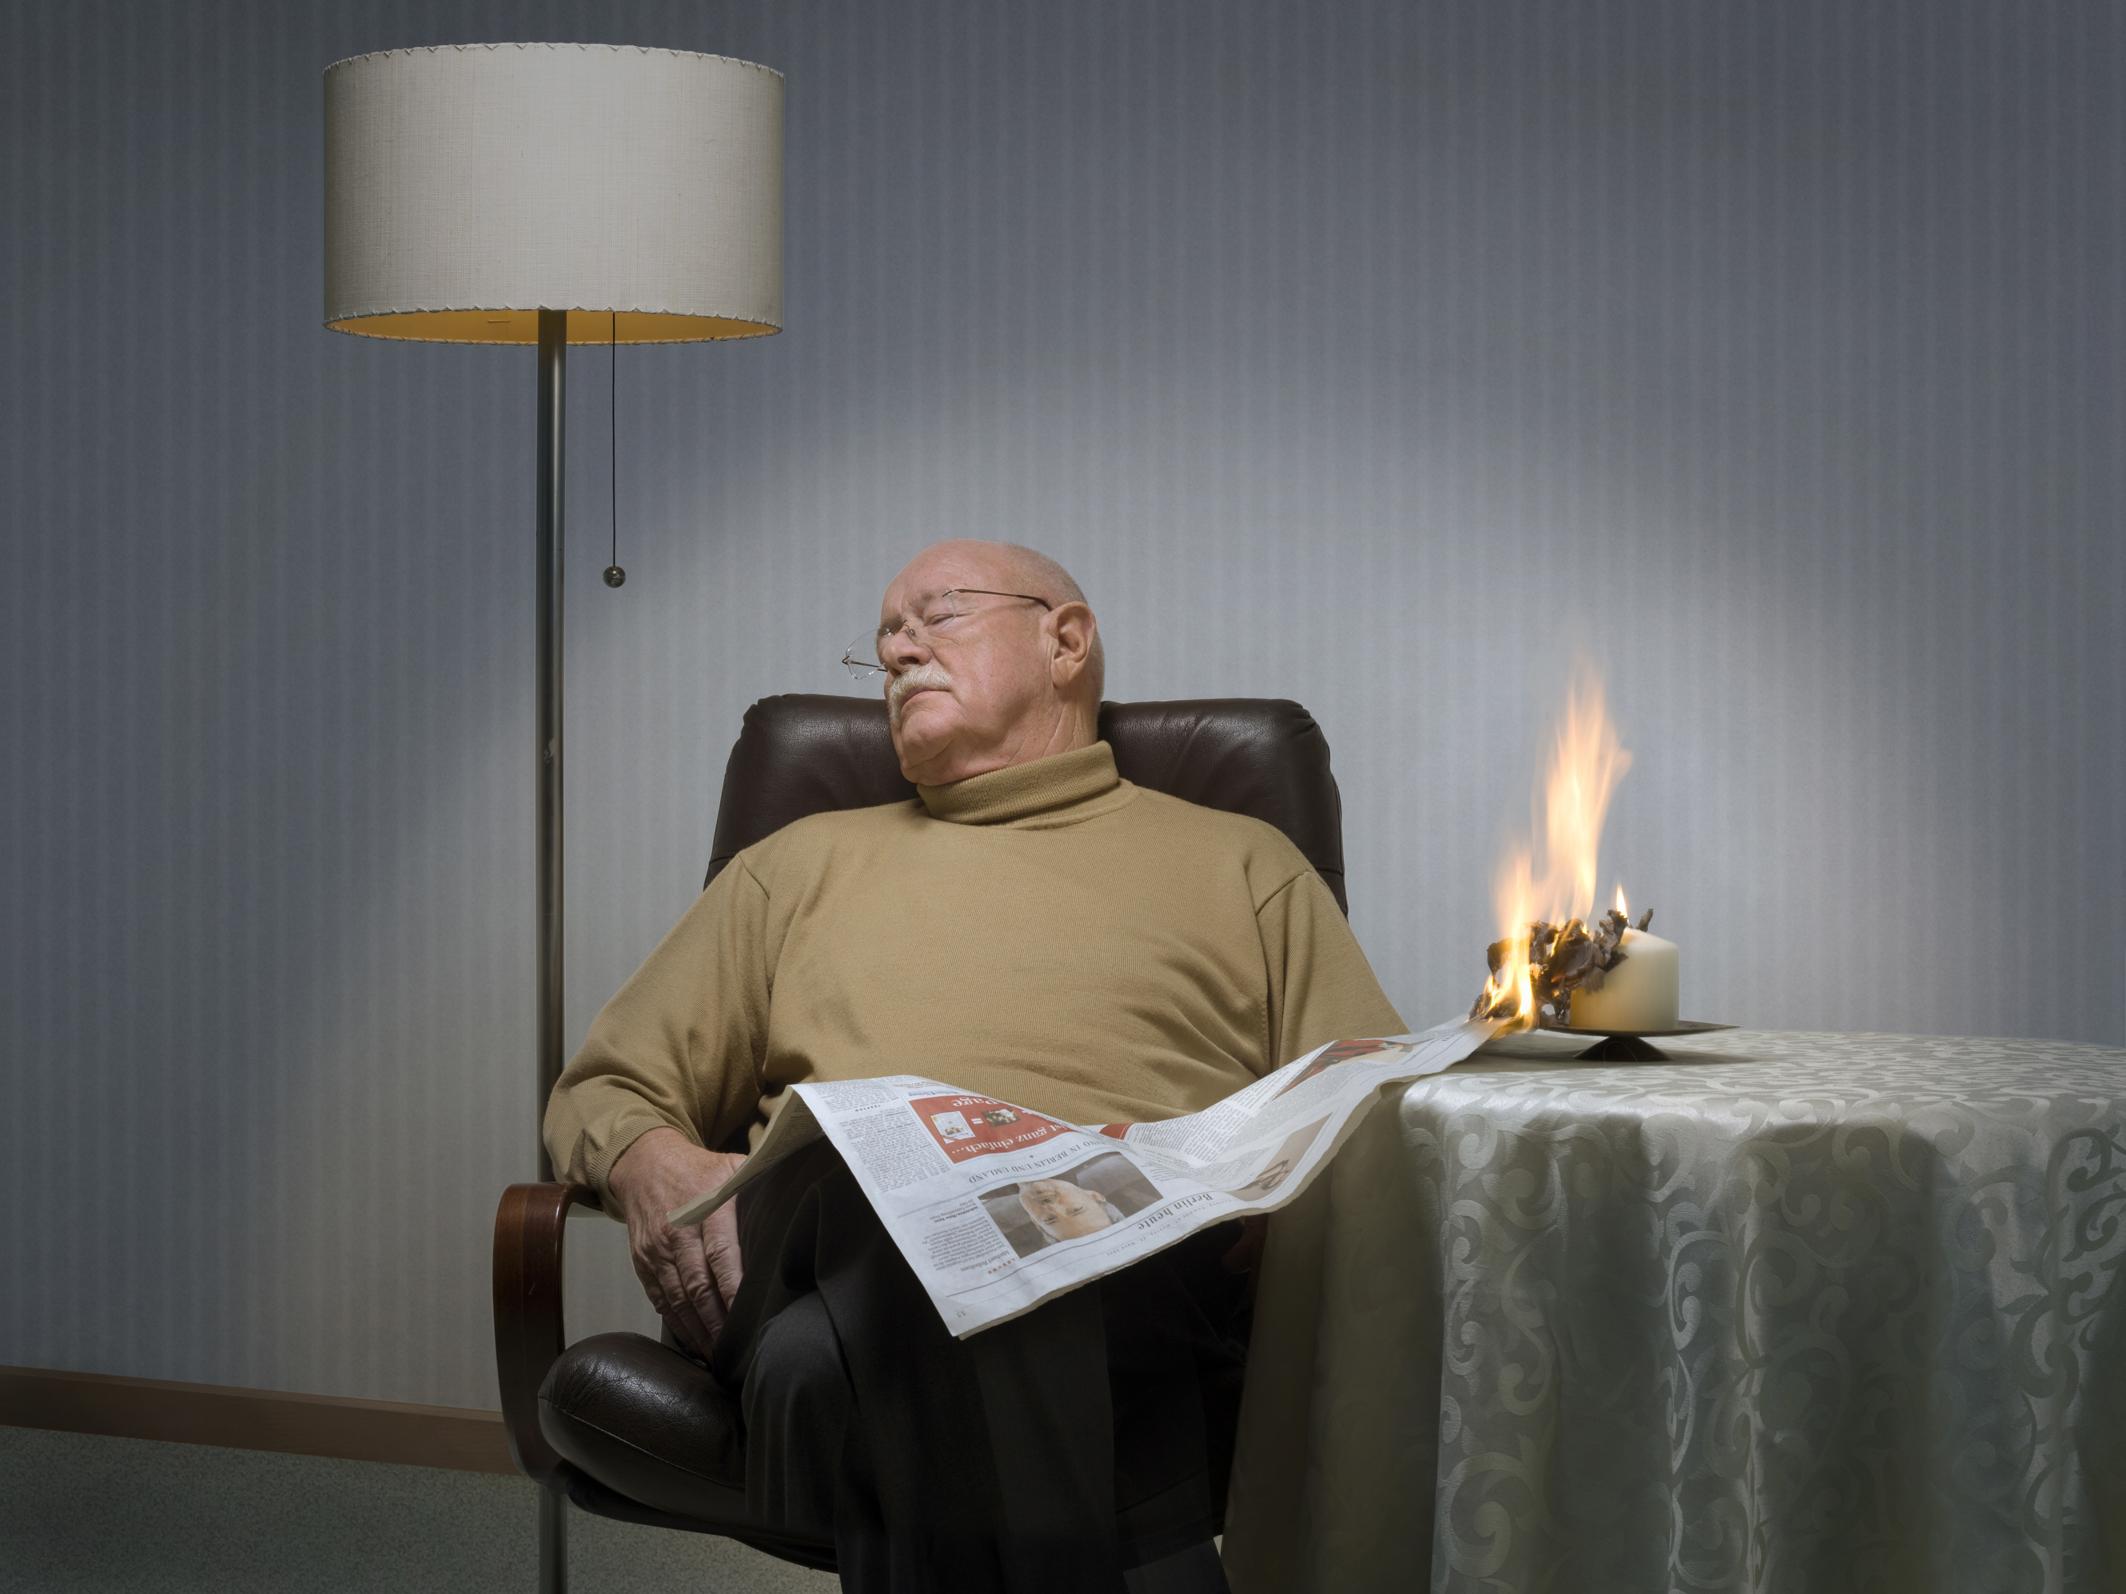 rauchmelder retten leben fordert rauchmelderpflicht auch f r bestandsbauten smart wohnen. Black Bedroom Furniture Sets. Home Design Ideas